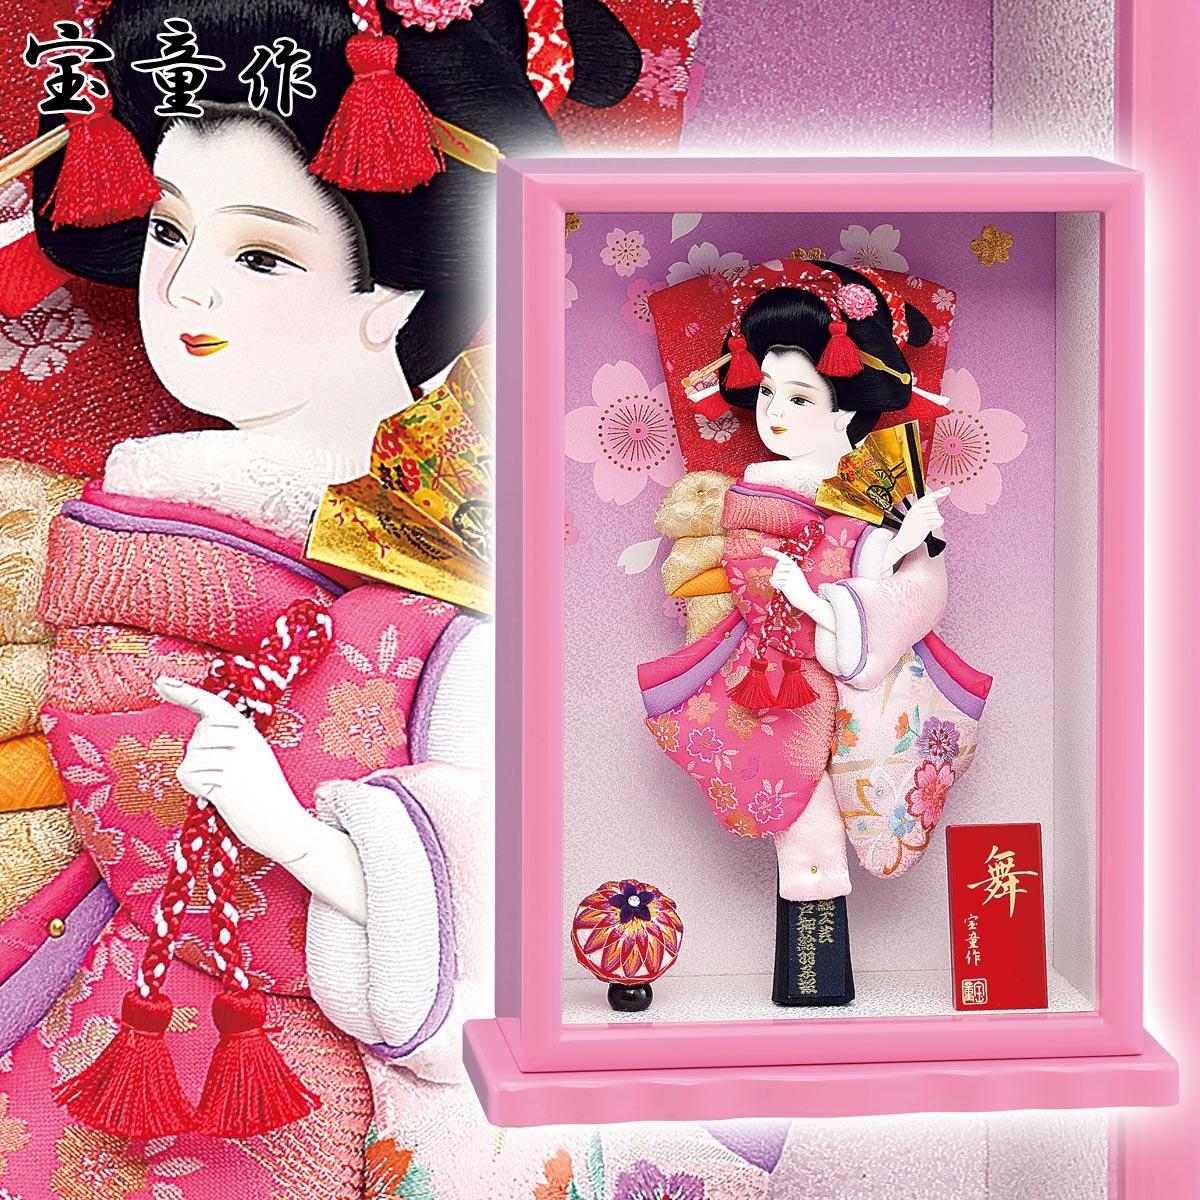 羽子板 2019年 新作 宝童作 初正月 正月飾り 羽子板飾り ケース ケース飾り ガラスケース 額入り羽子板 舞(ピンク) 10号